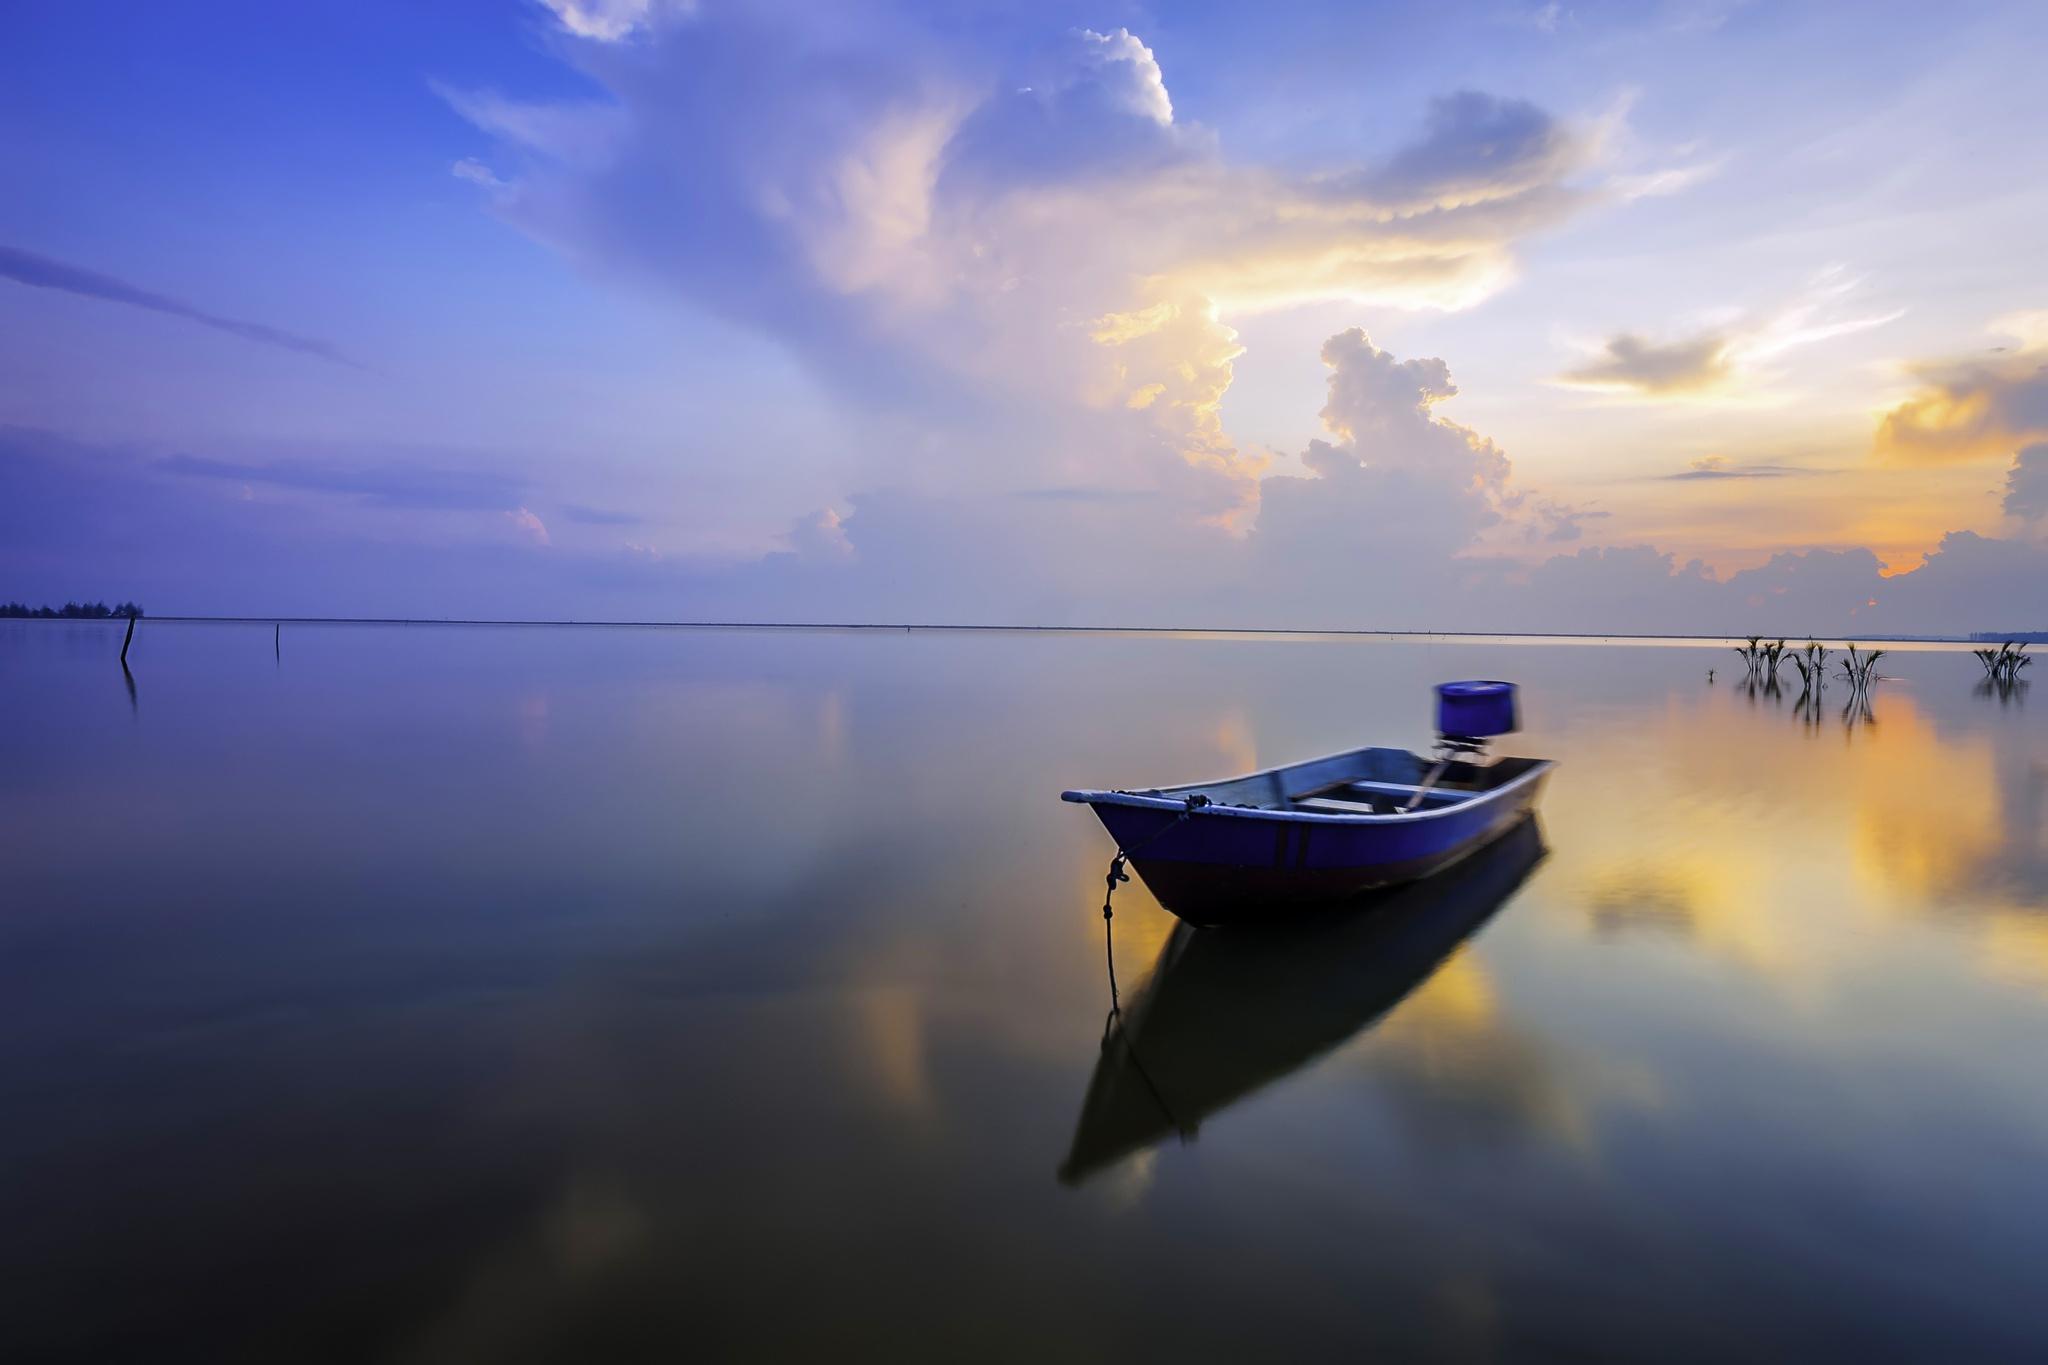 картинка лодка цвета неба можно сфотографироваться качелях